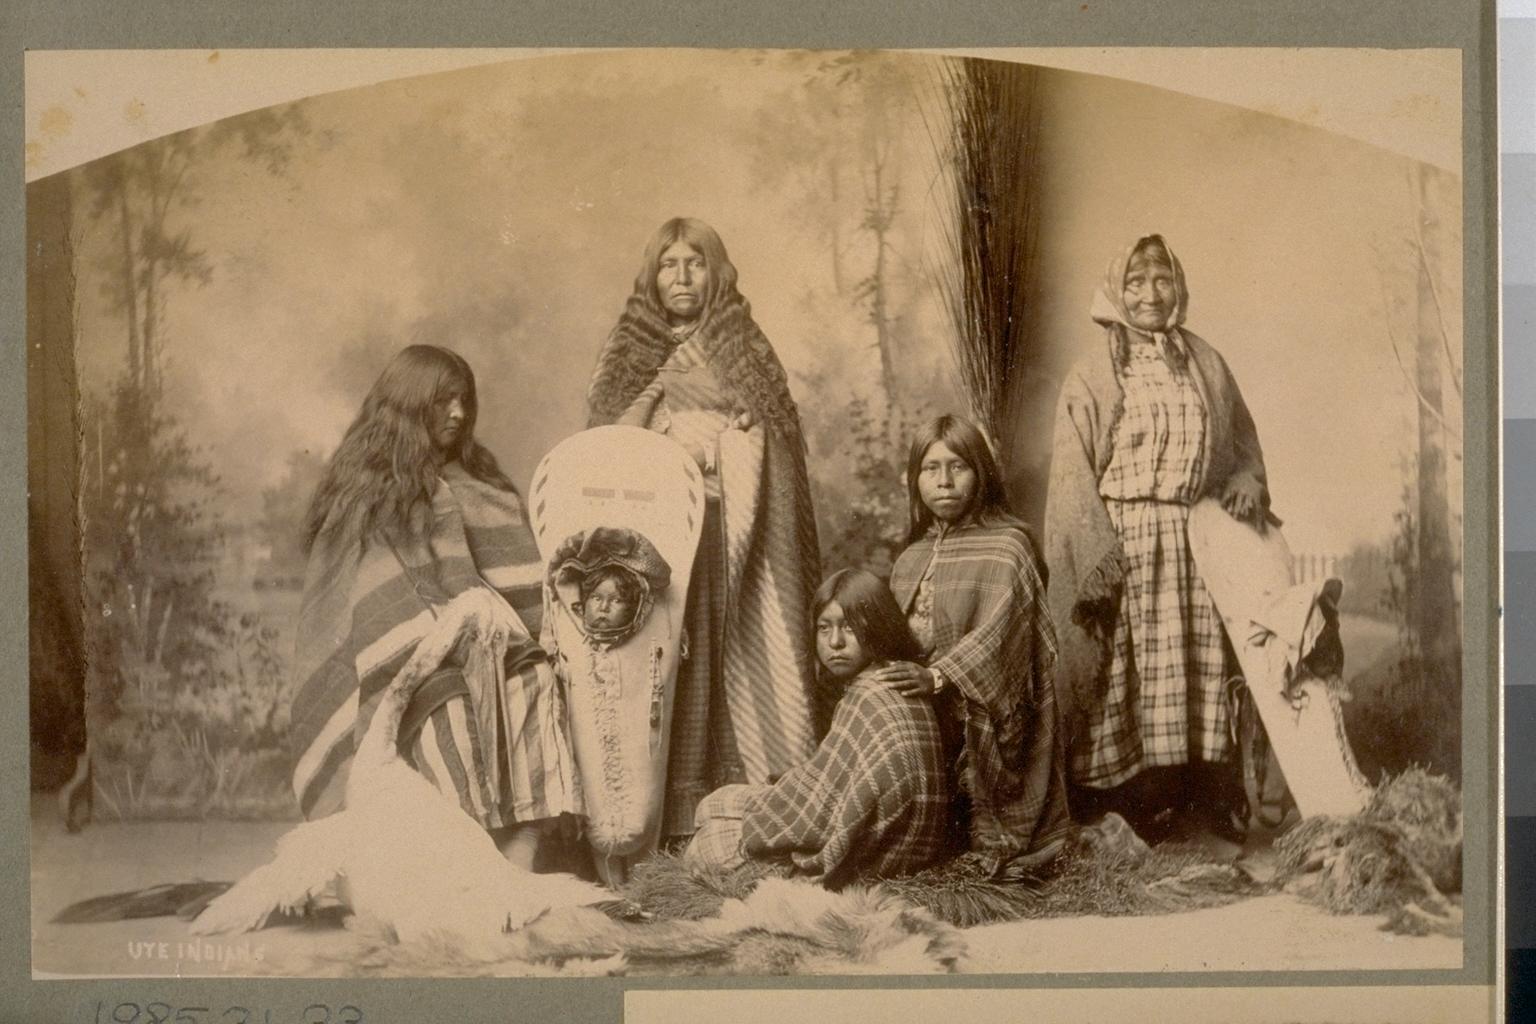 Ute Indians